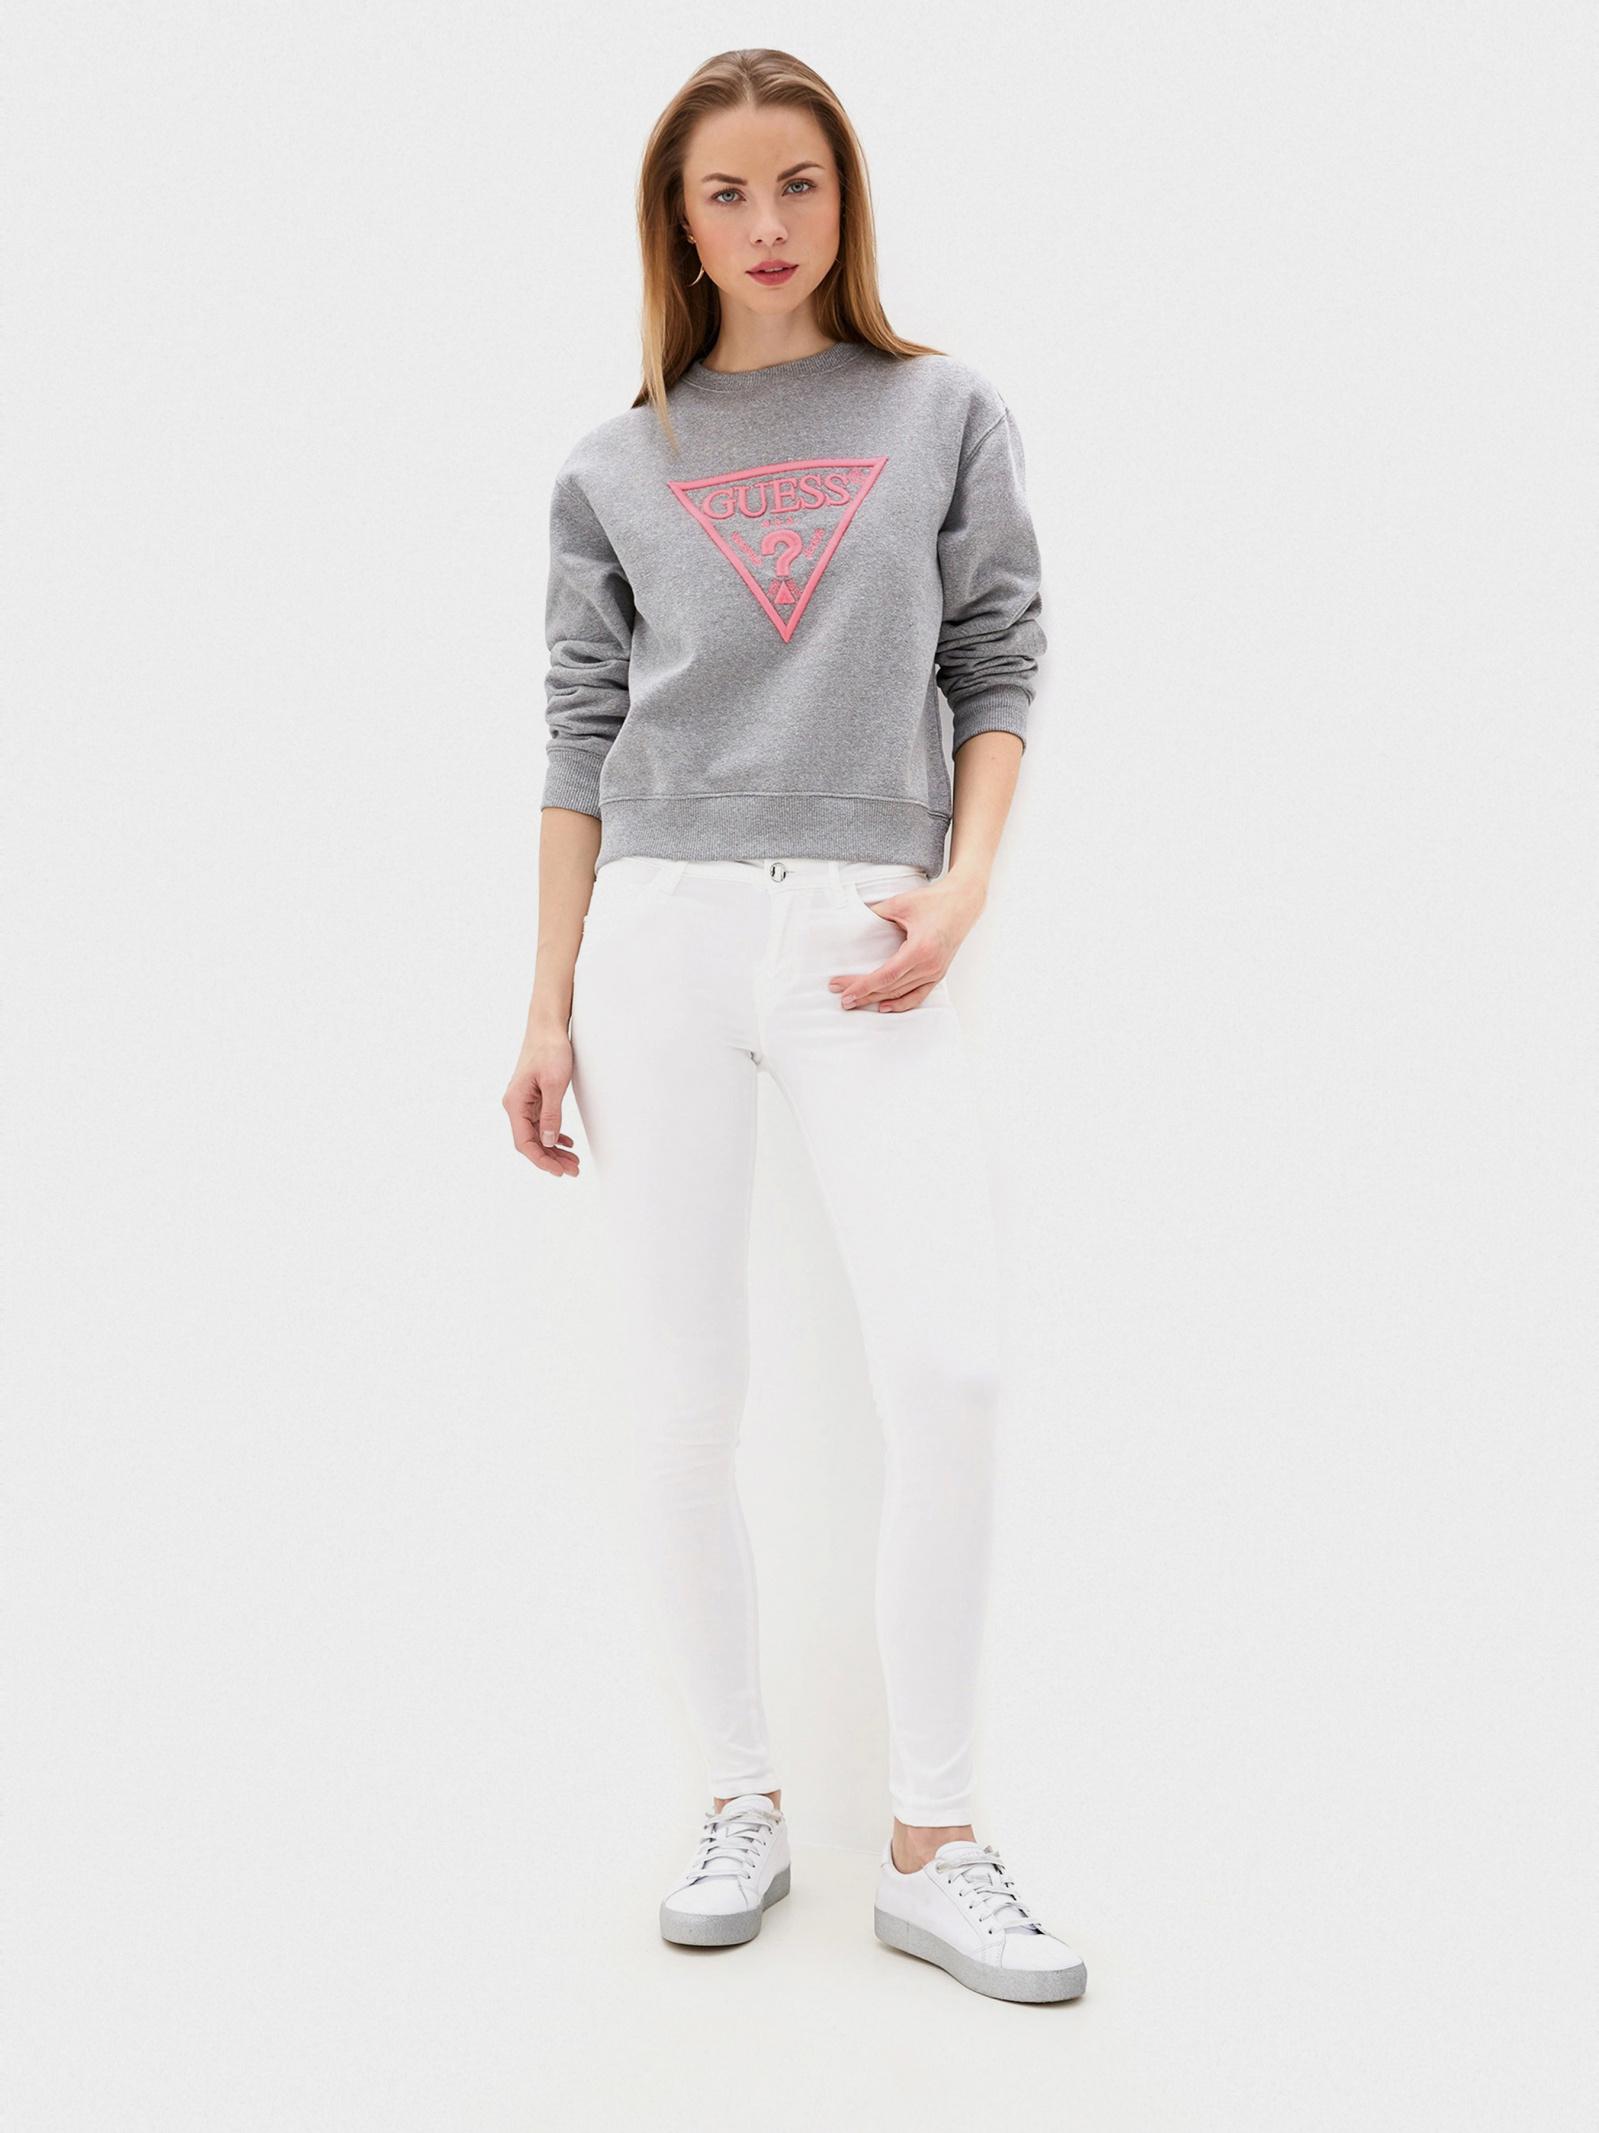 GUESS Кофти та светри жіночі модель W01Q56-K68I0-GFHT купити, 2017